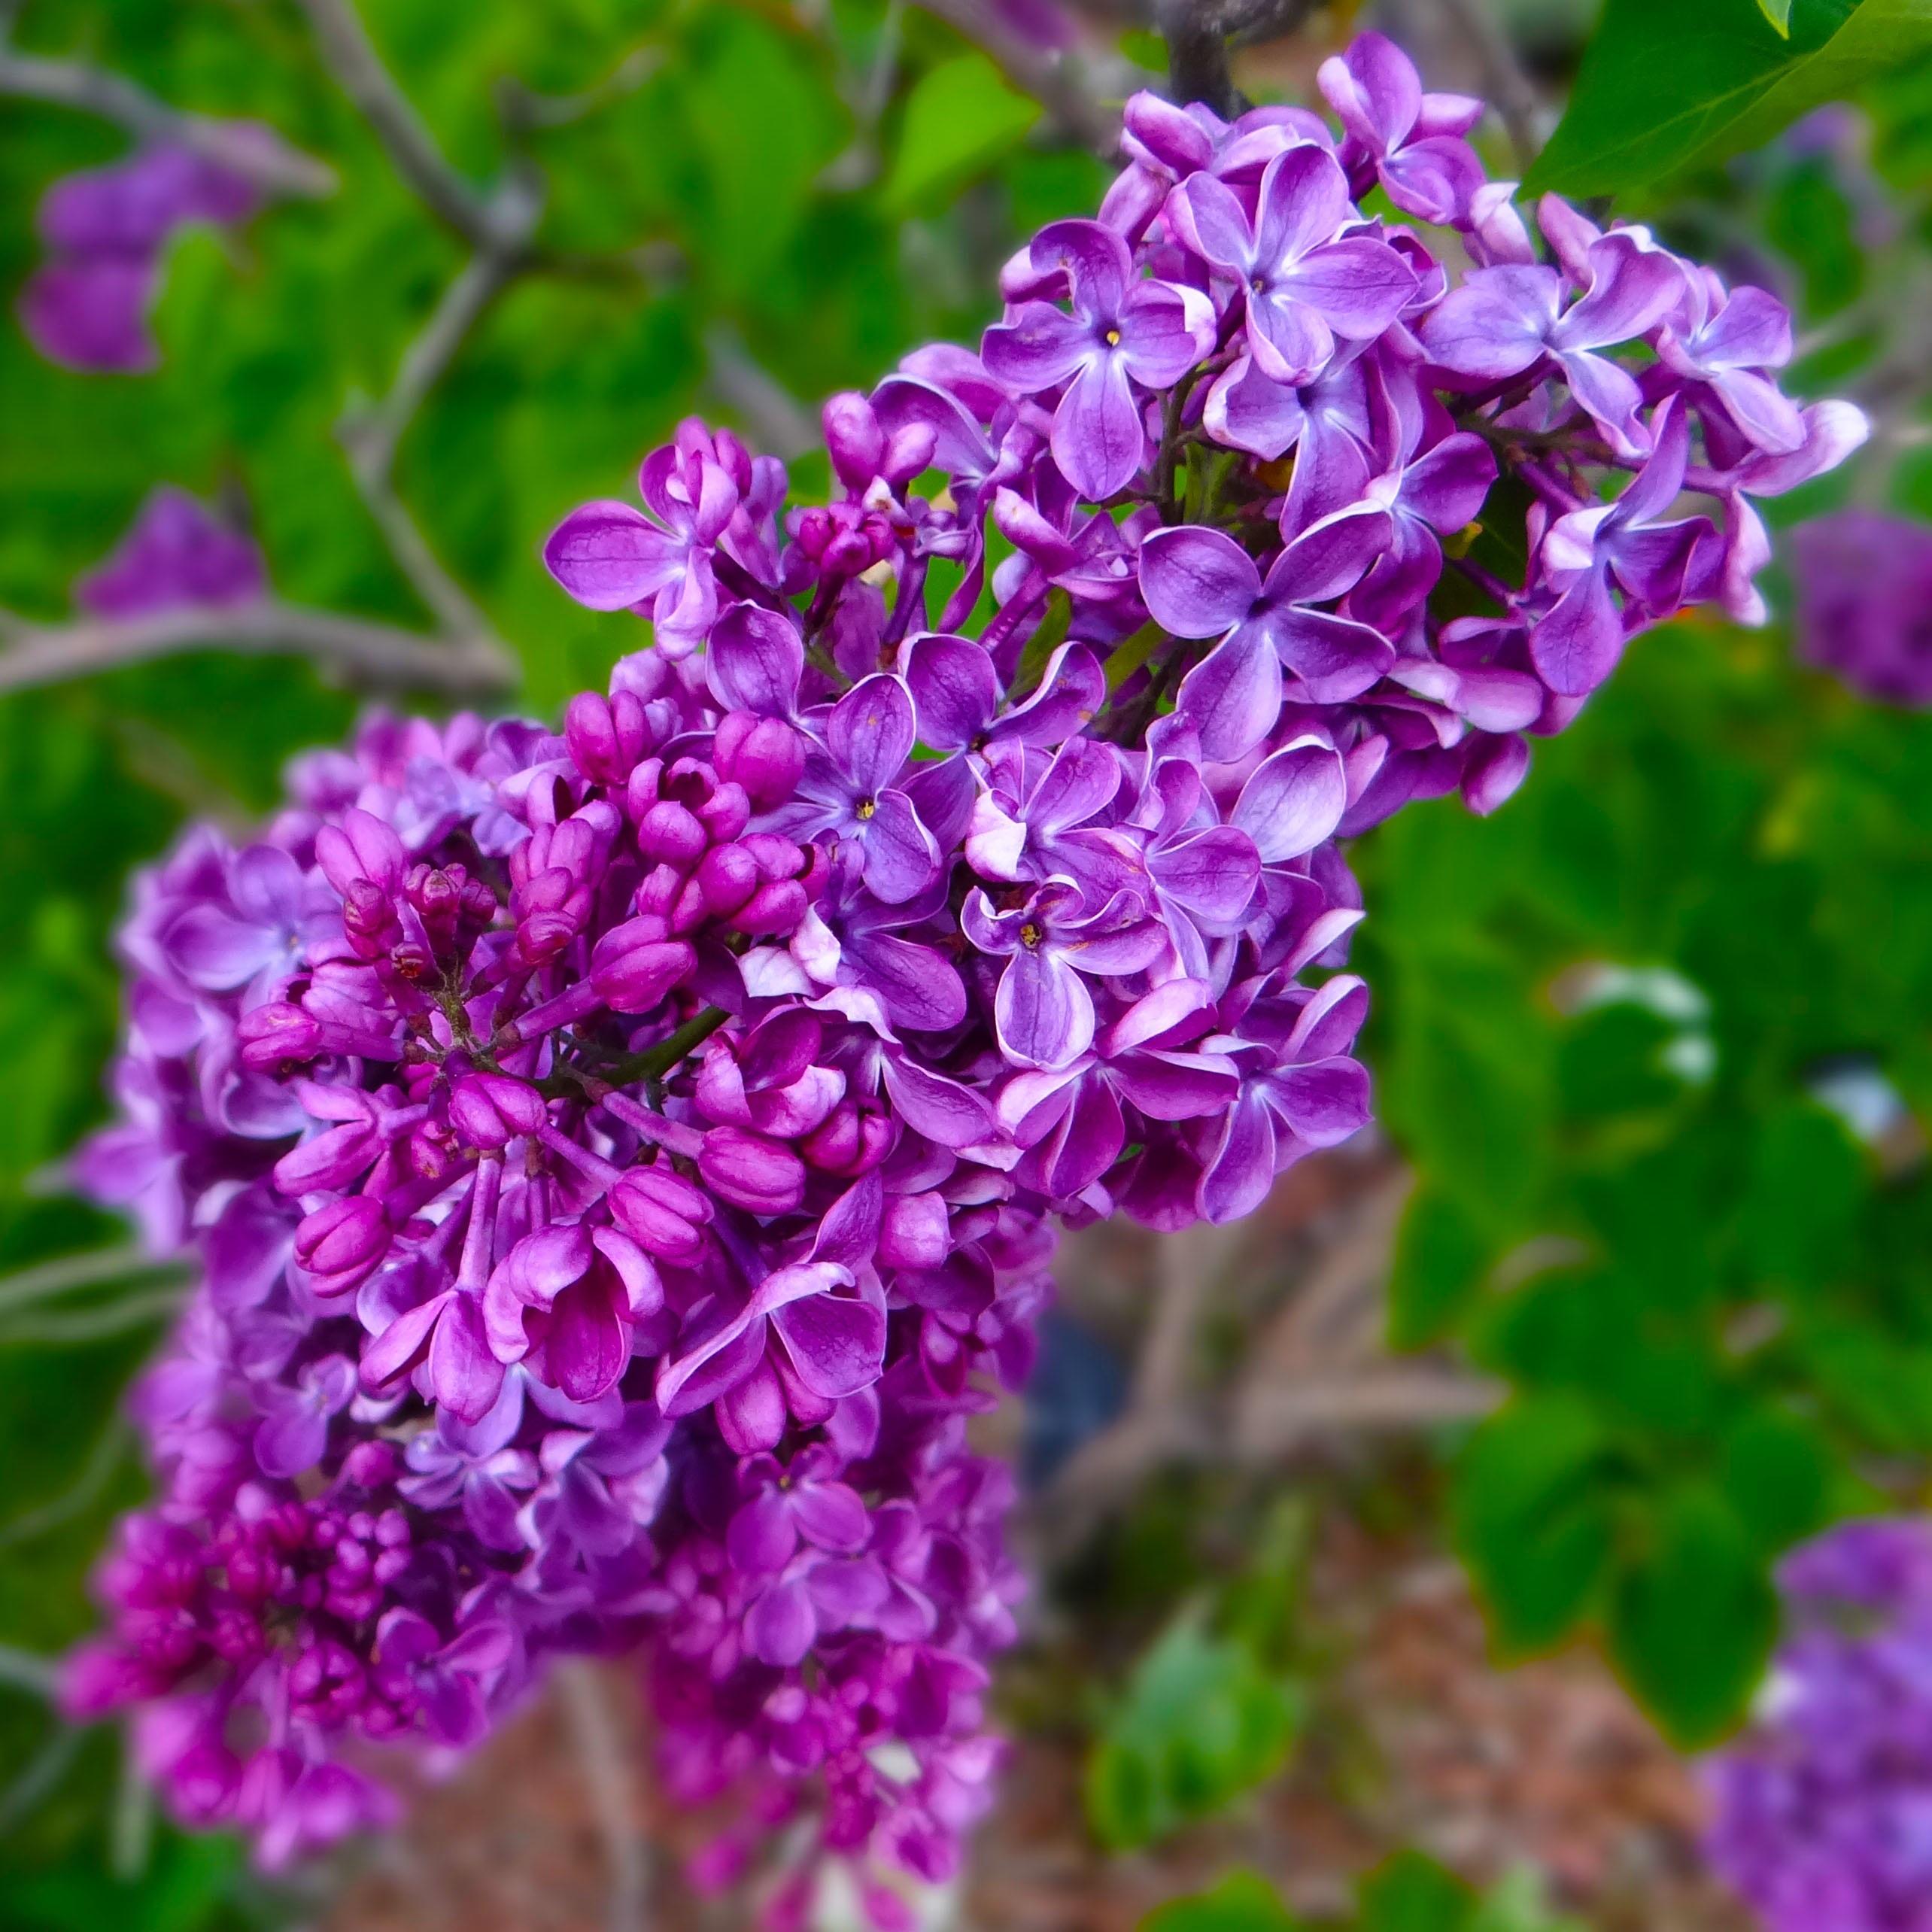 images gratuites fleur violet printemps herbe botanique jardin flore fleur sauvage. Black Bedroom Furniture Sets. Home Design Ideas